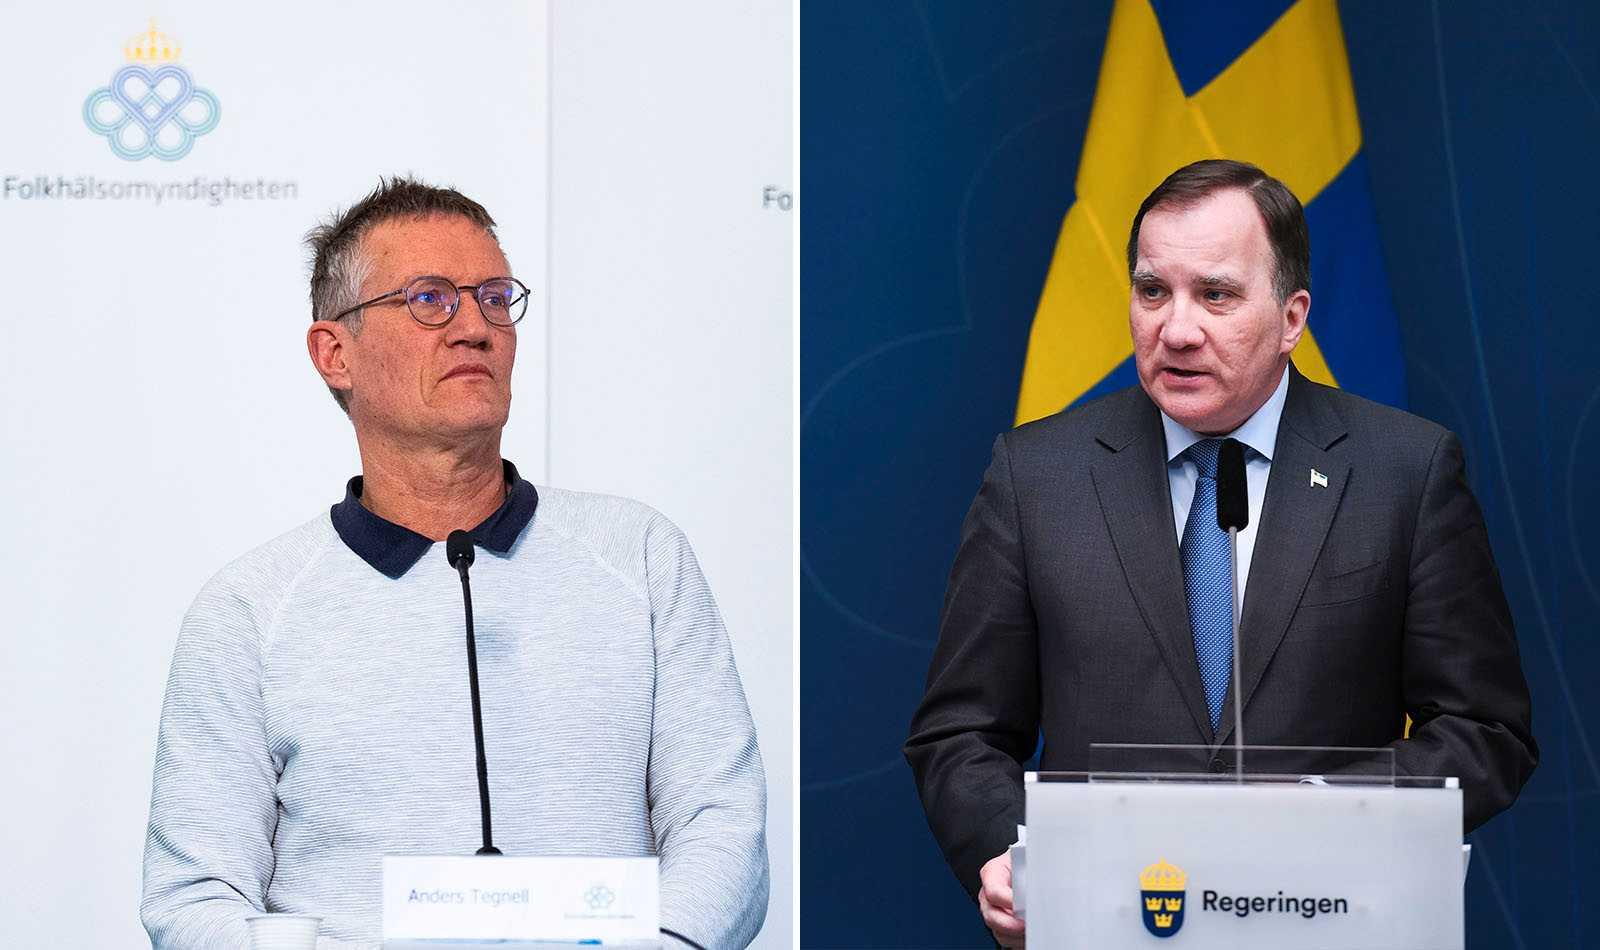 Förtroendet för Tegnell och Löfven ökar